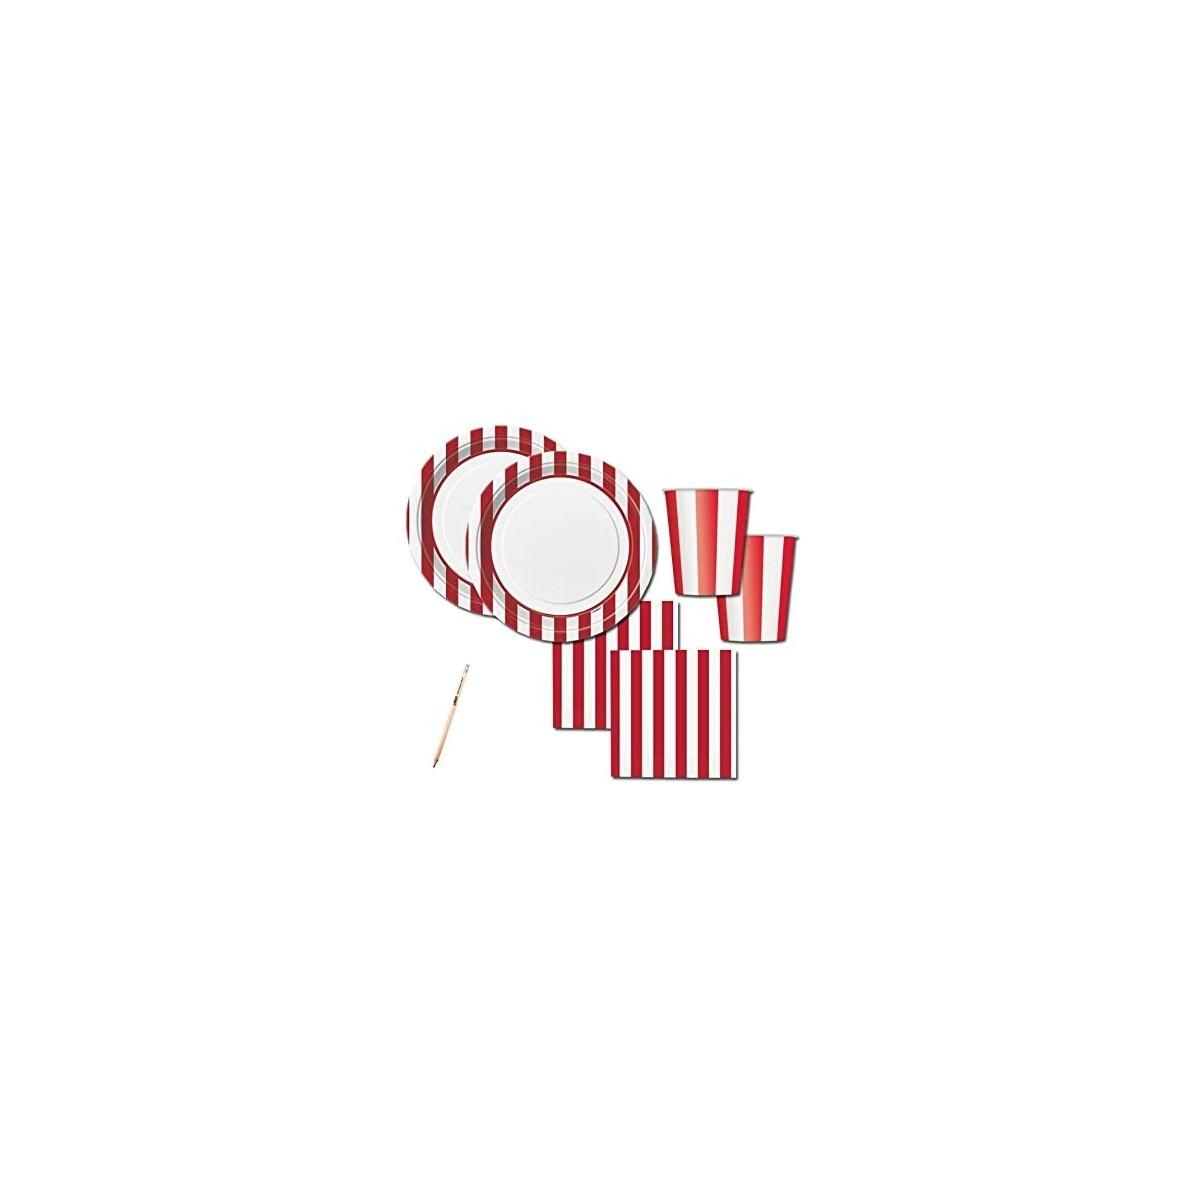 Kit per 16 persone tema strisce rosse e bianche, coordinato tavola